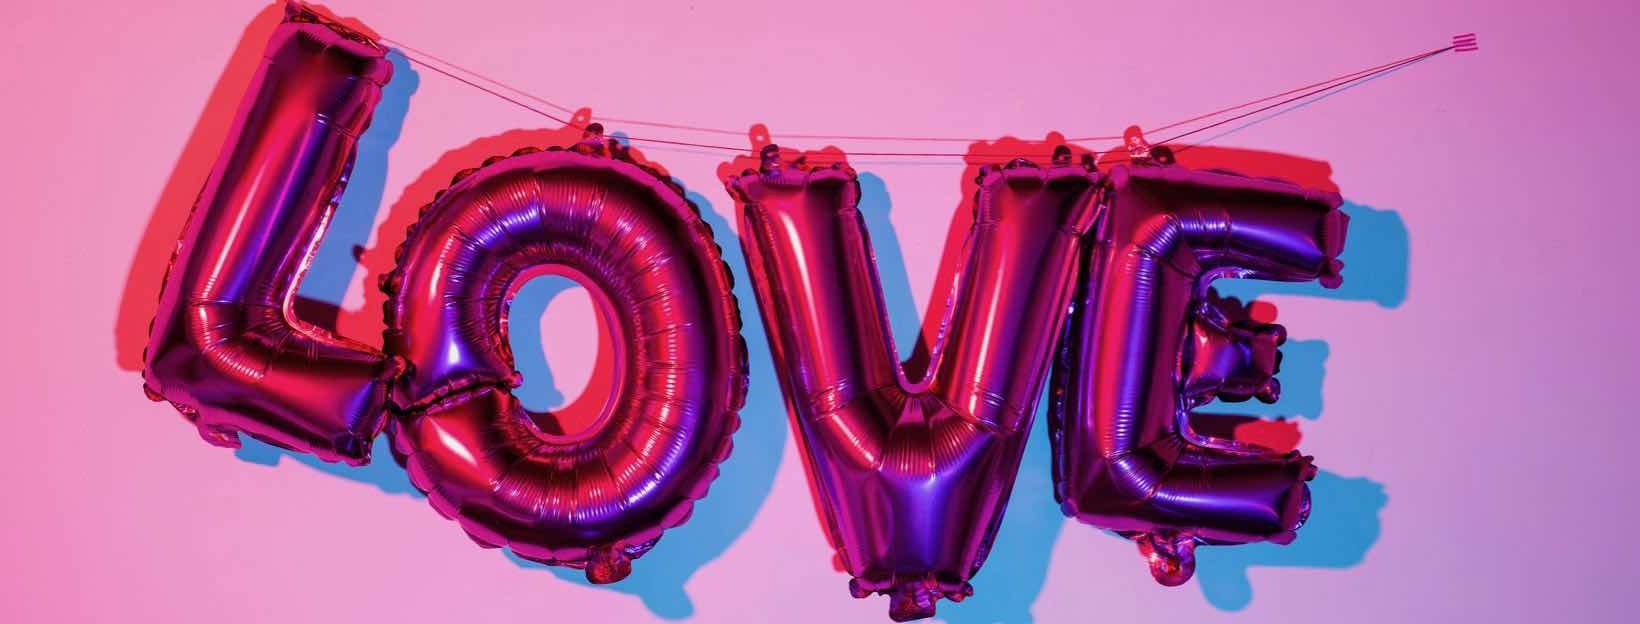 Das Wort Love an der Wand in Luftballon-Buchstaben: Romantische Bilder zum Valentinstag